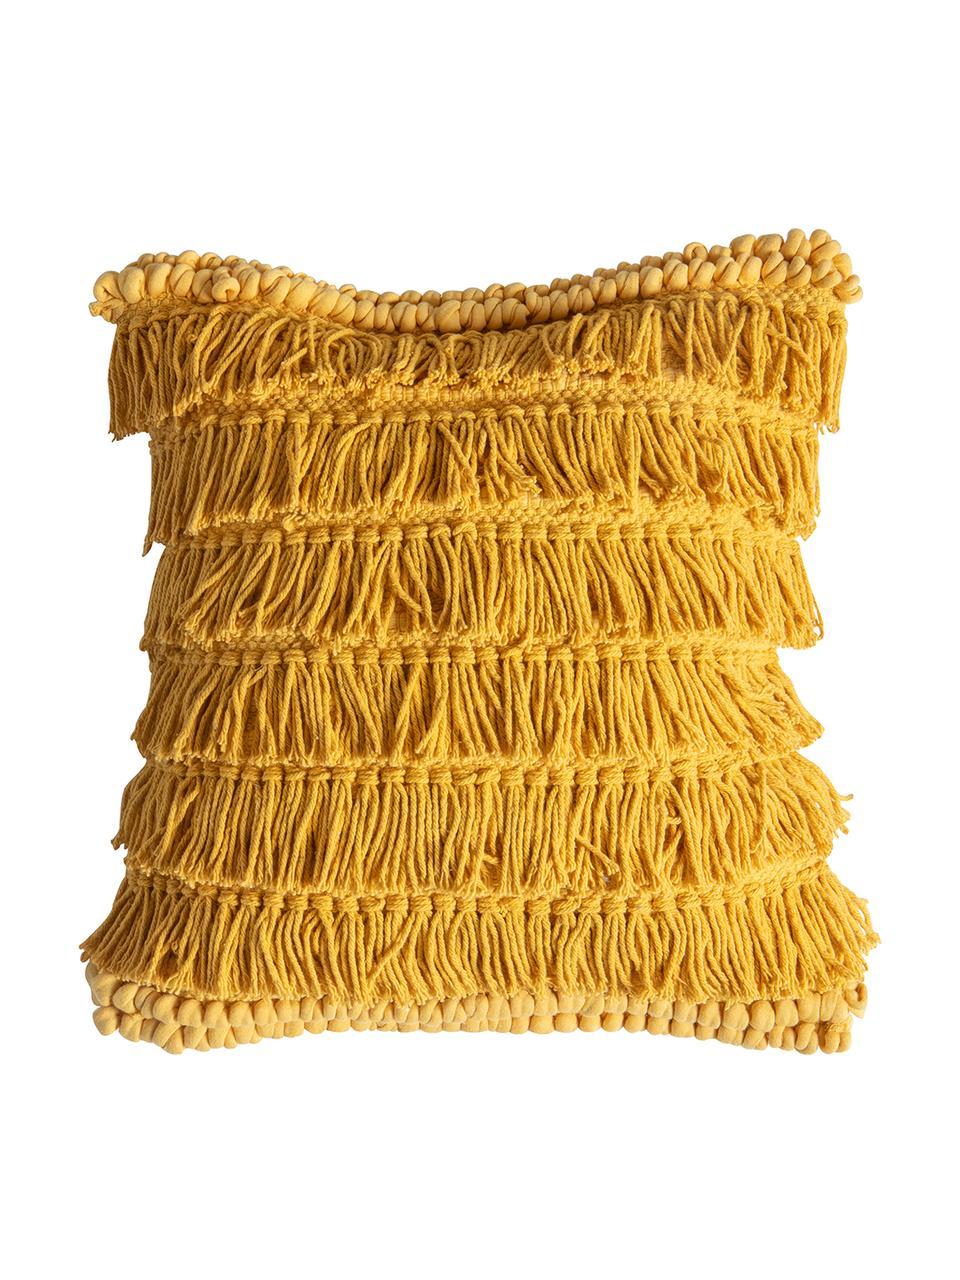 Boho Kissen Tallara, mit Inlett, Bezug: 100% recycelte Baumwolle, Ockergelb, 45 x 45 cm